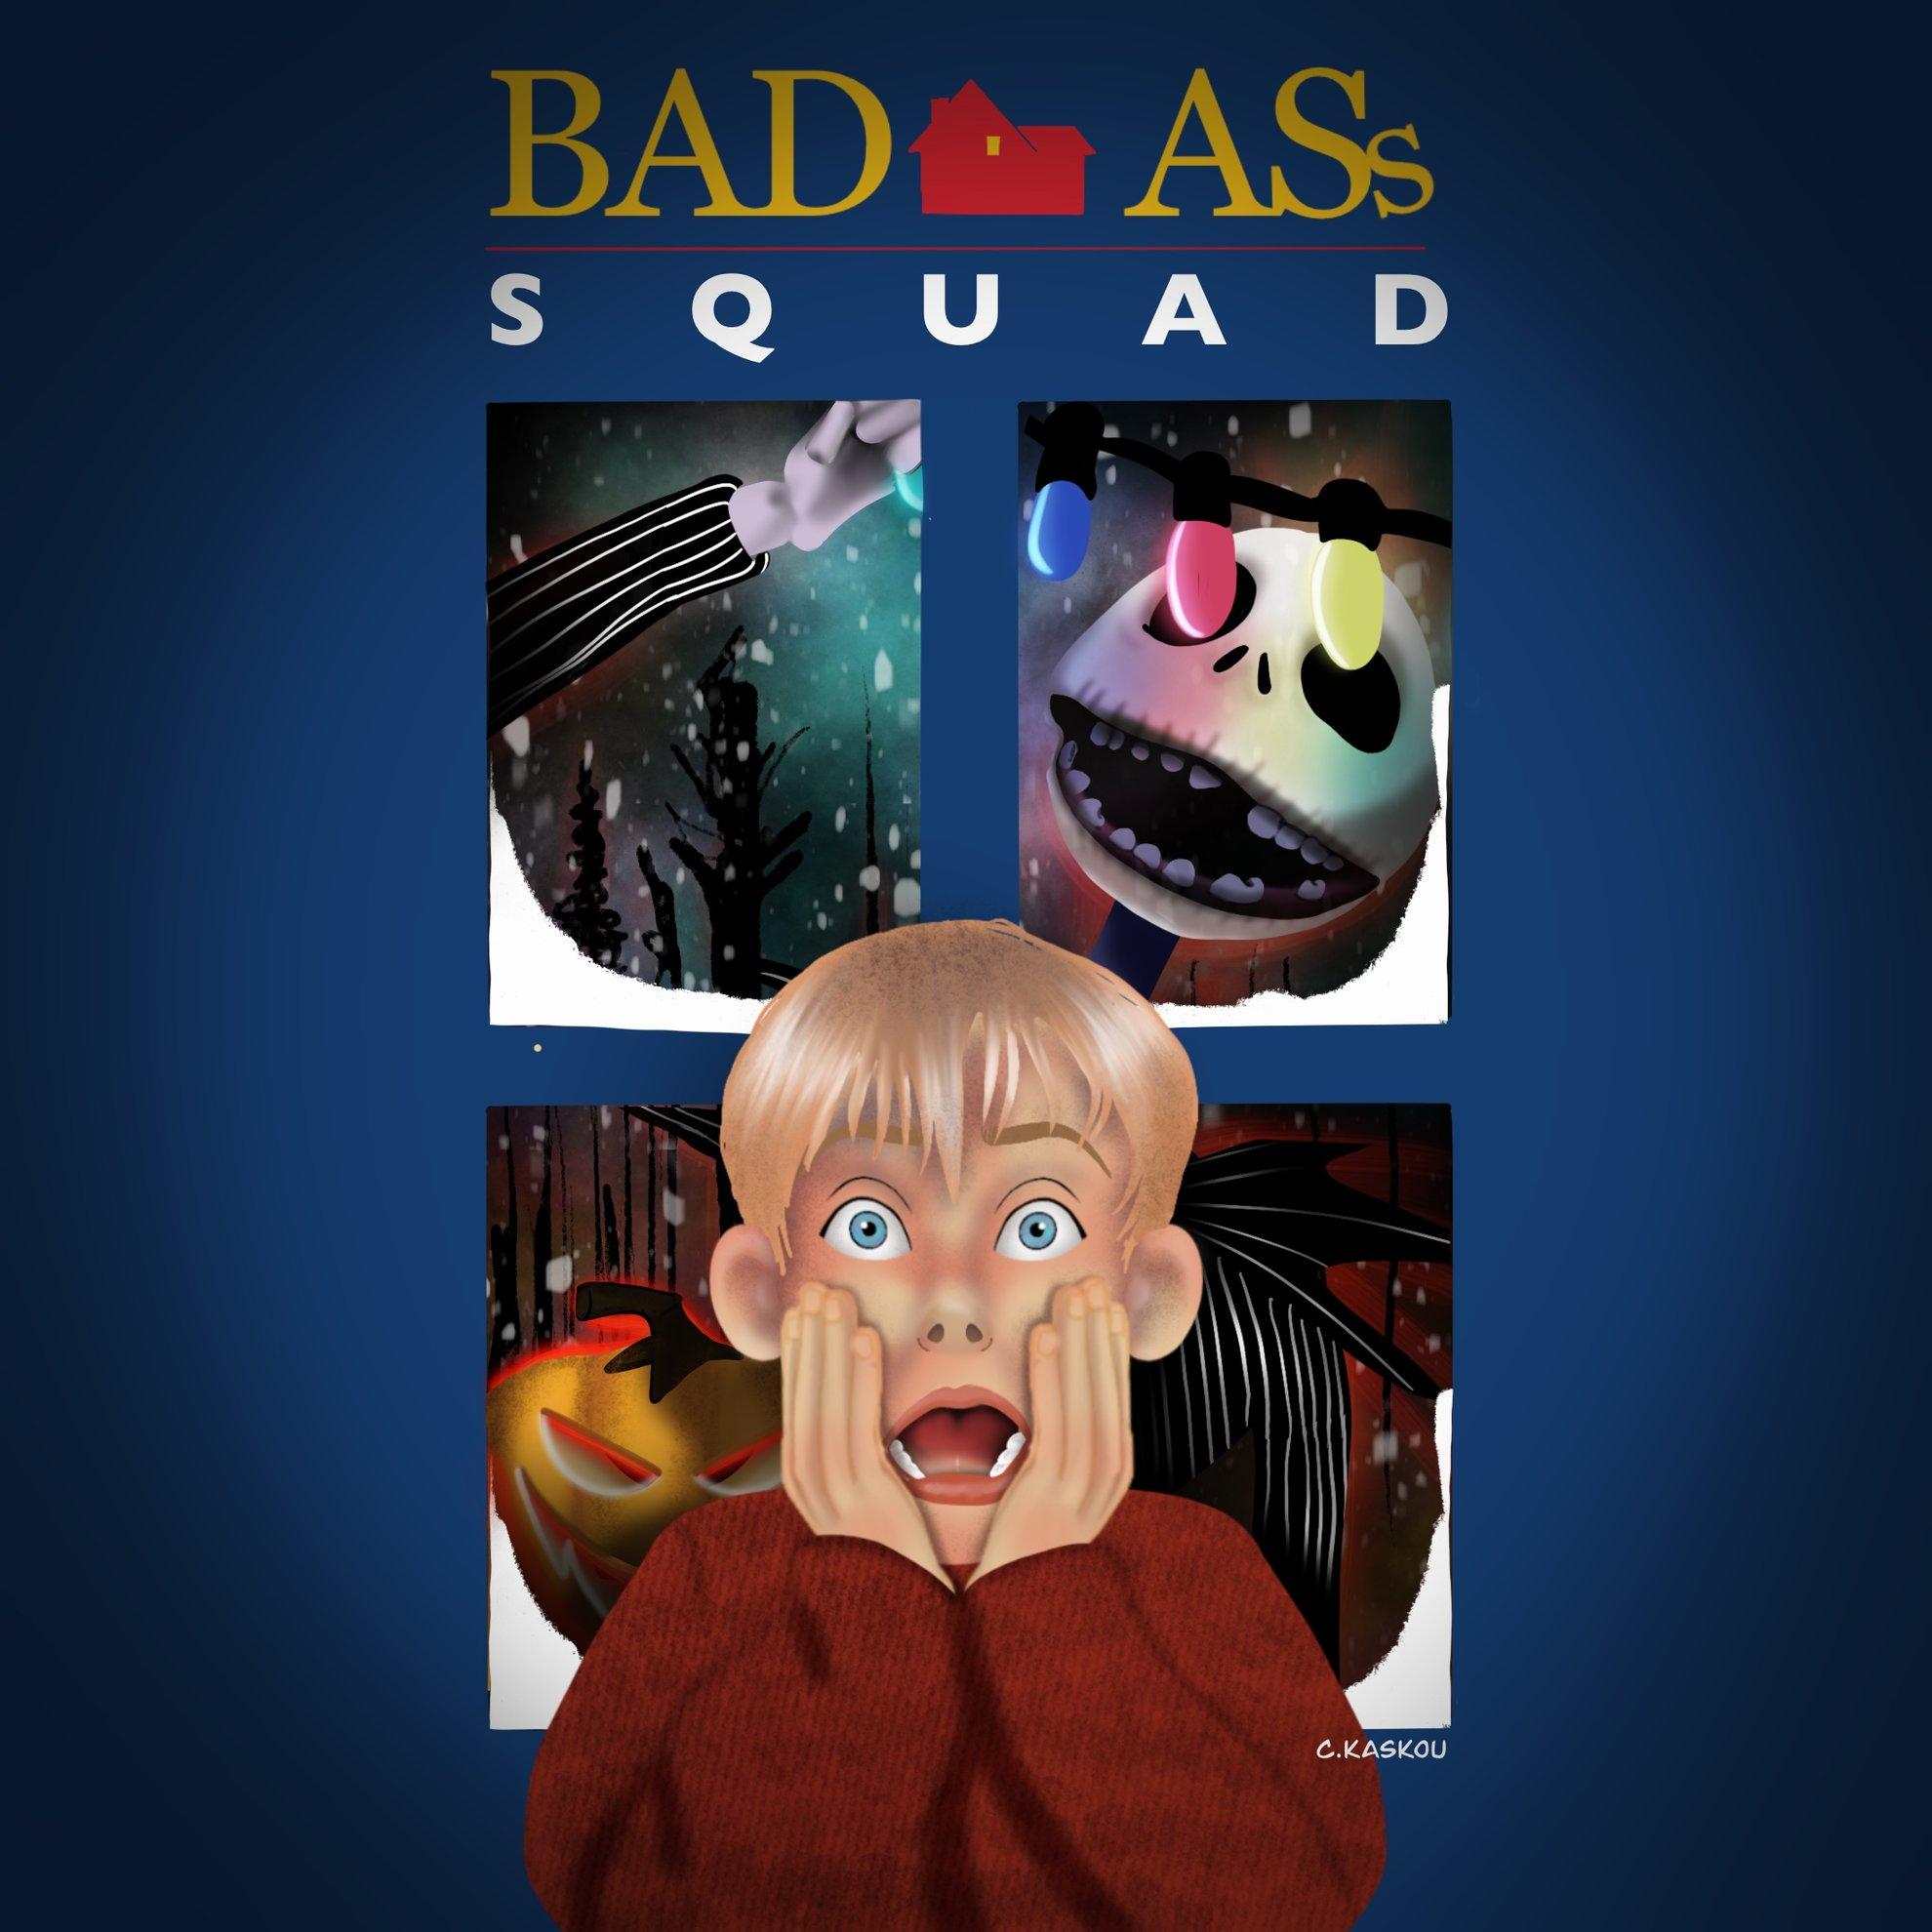 BAD SQUAD JACK/KEVIN